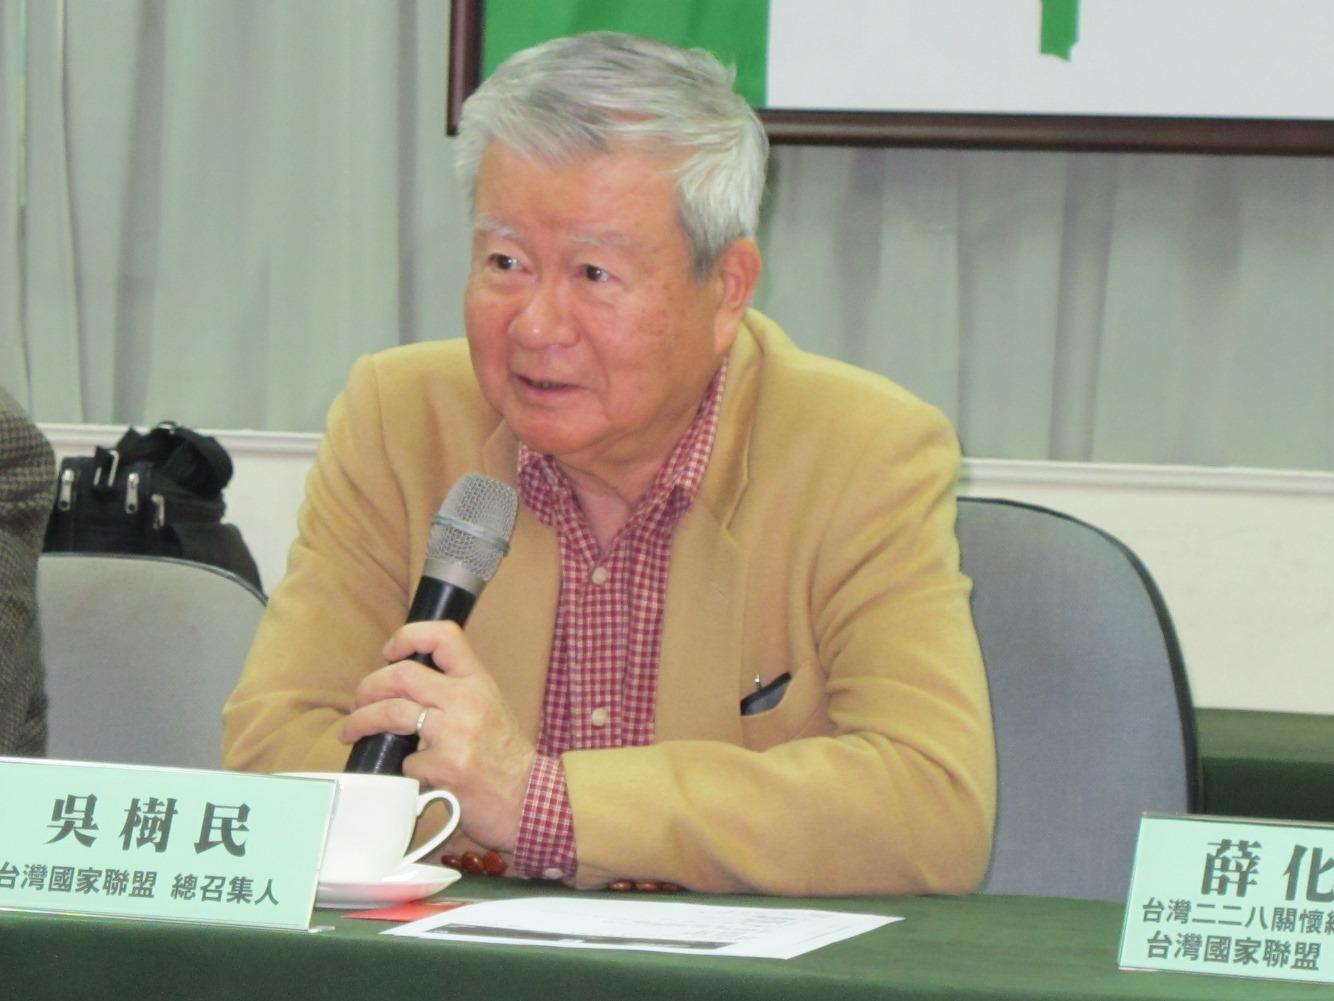 馬英九應邀北市府228活動致詞 台灣國家聯盟傾向退出合辦